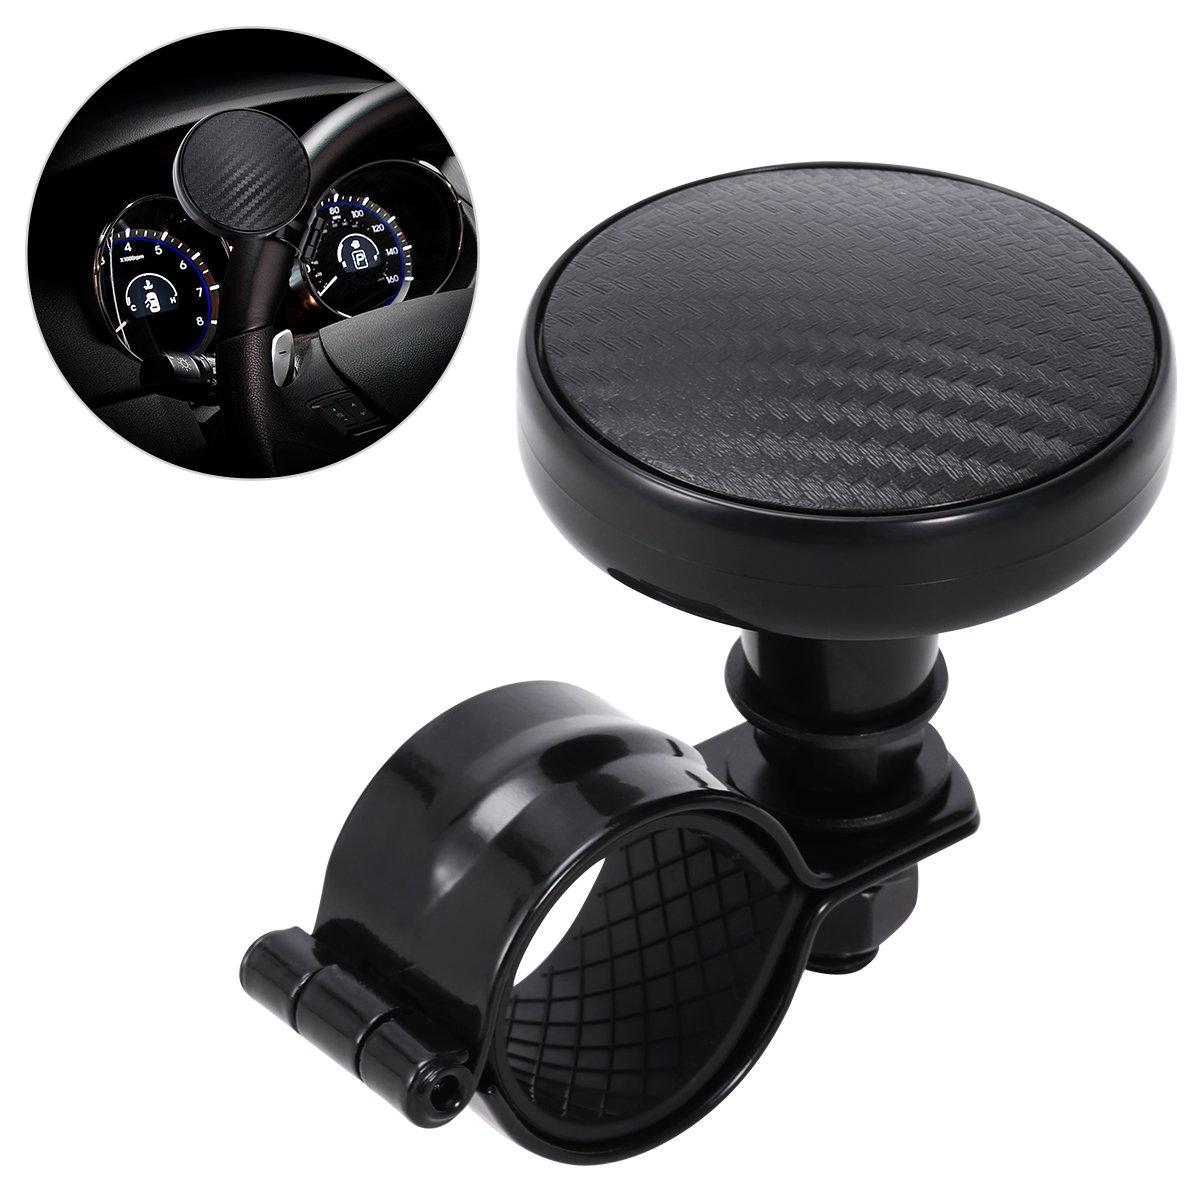 Vorcool - Pomo giratorio para volante, color negro, accesorio de esfera auxiliar para coche Z4R1VUK1237I0G551JMMBHB8